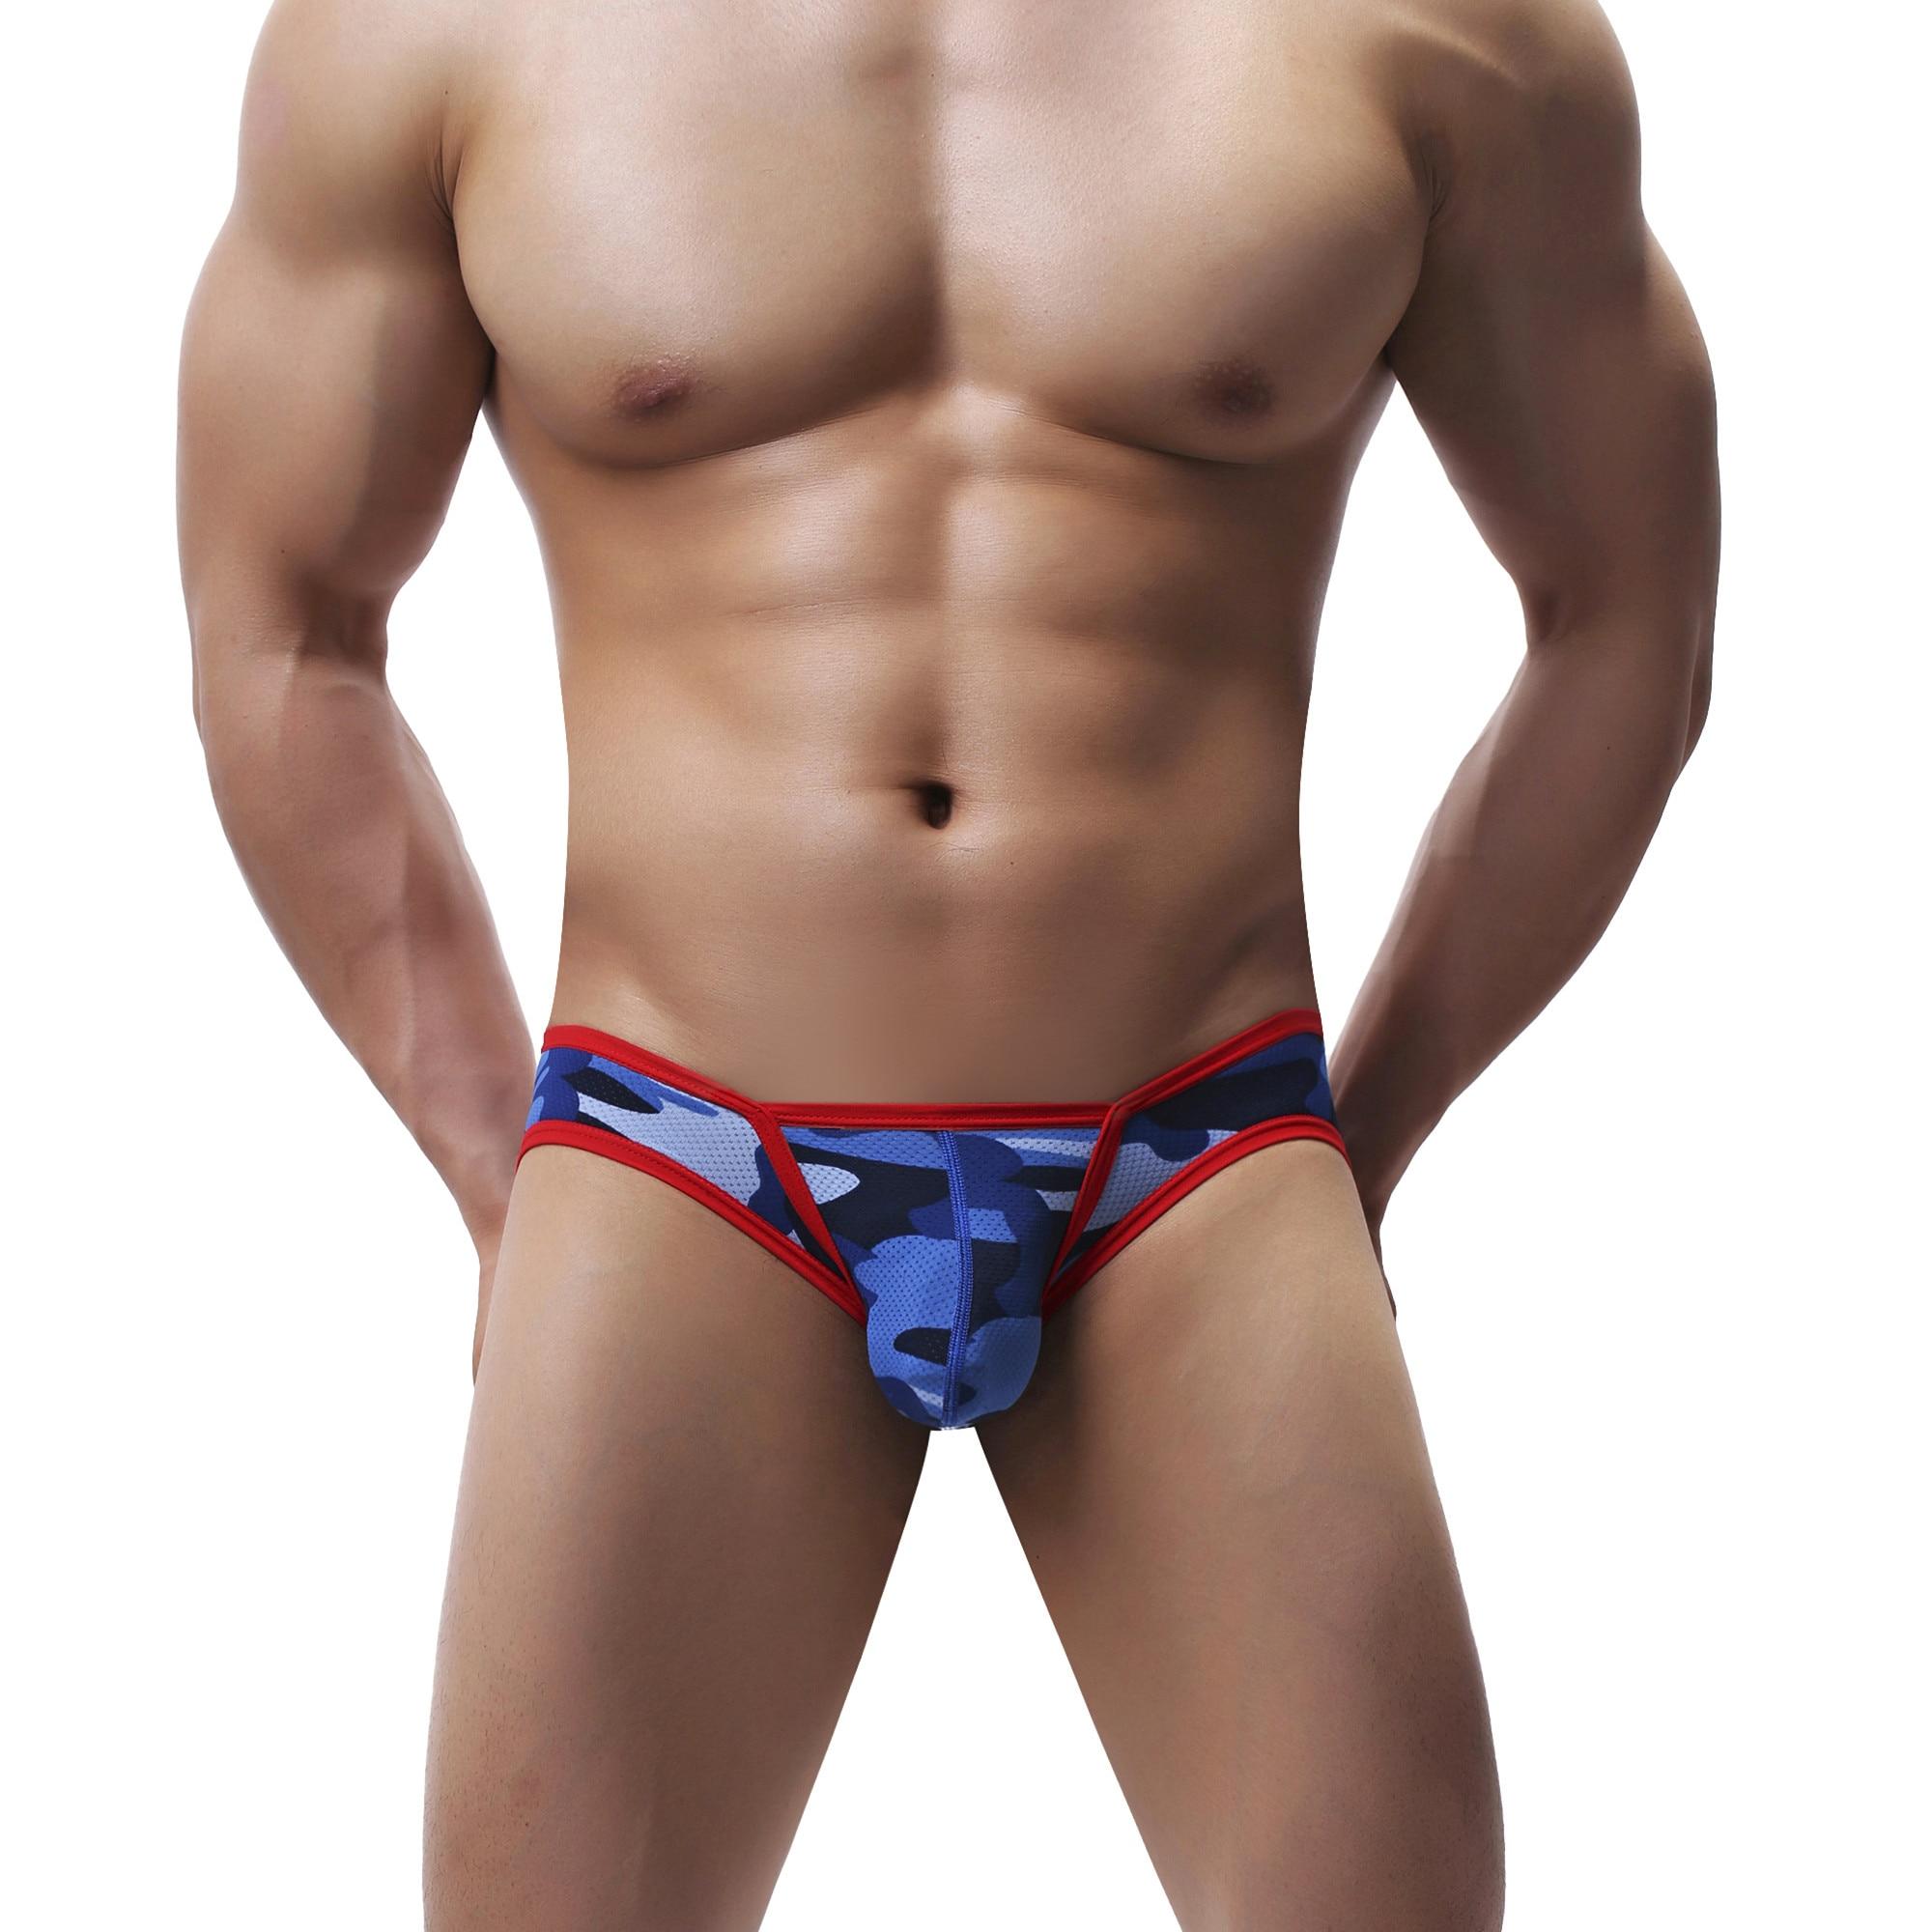 Brand Silk Low Waist Sexy Men Underwear Briefs Gay Penis Pouch Mens Bikini Brief Underwear Man Sleepwear Cotton Underpants